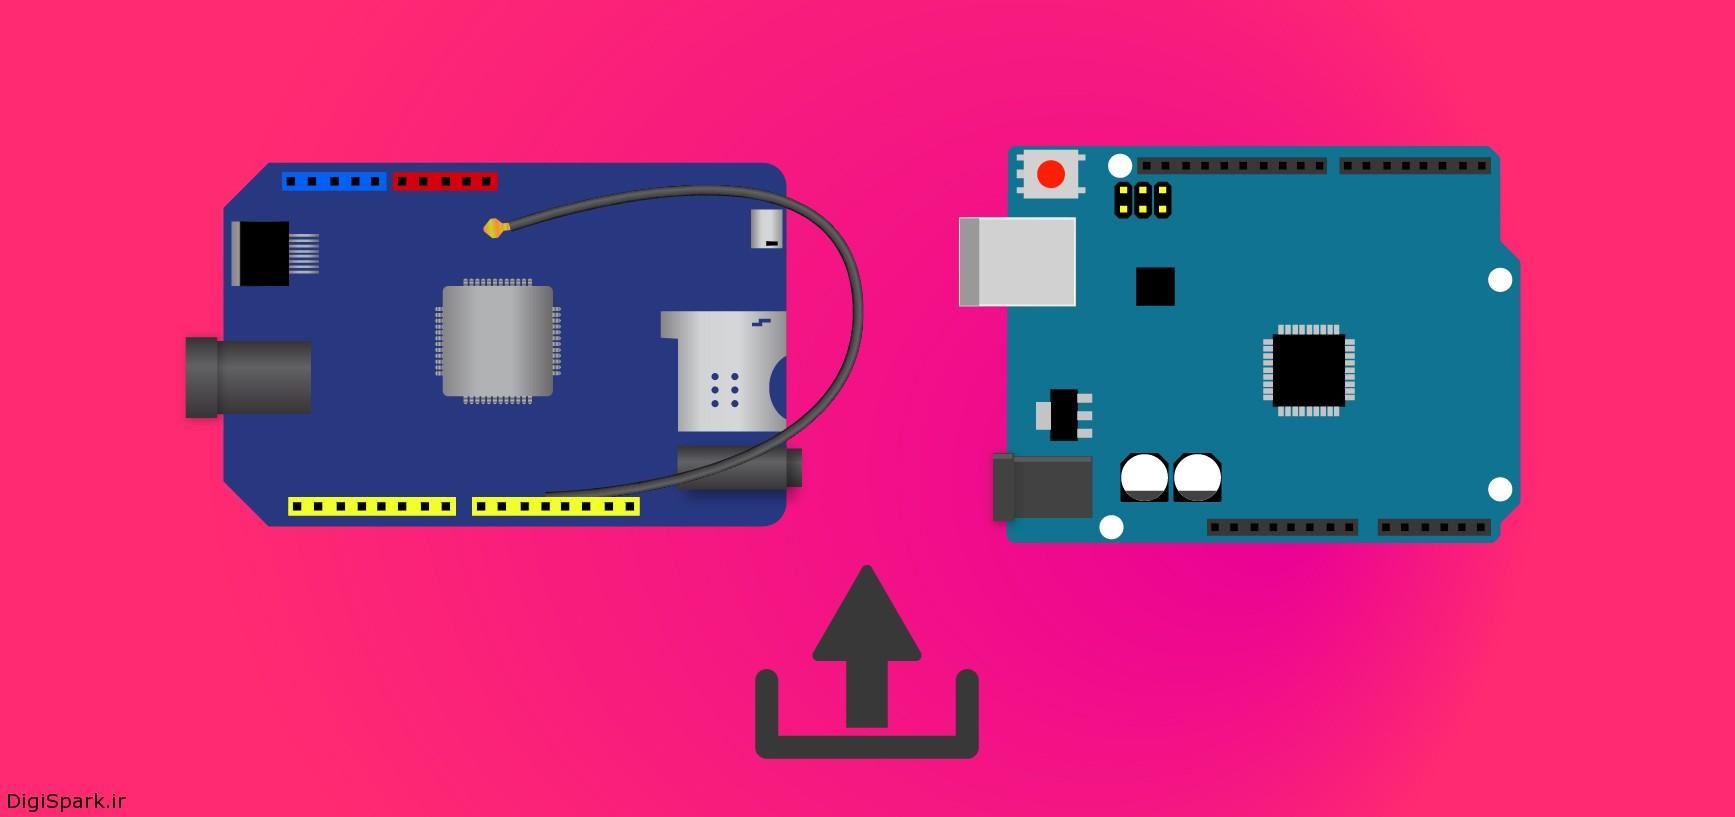 آموزش ارسال پیامک با شیلد Sim800C آردوینو